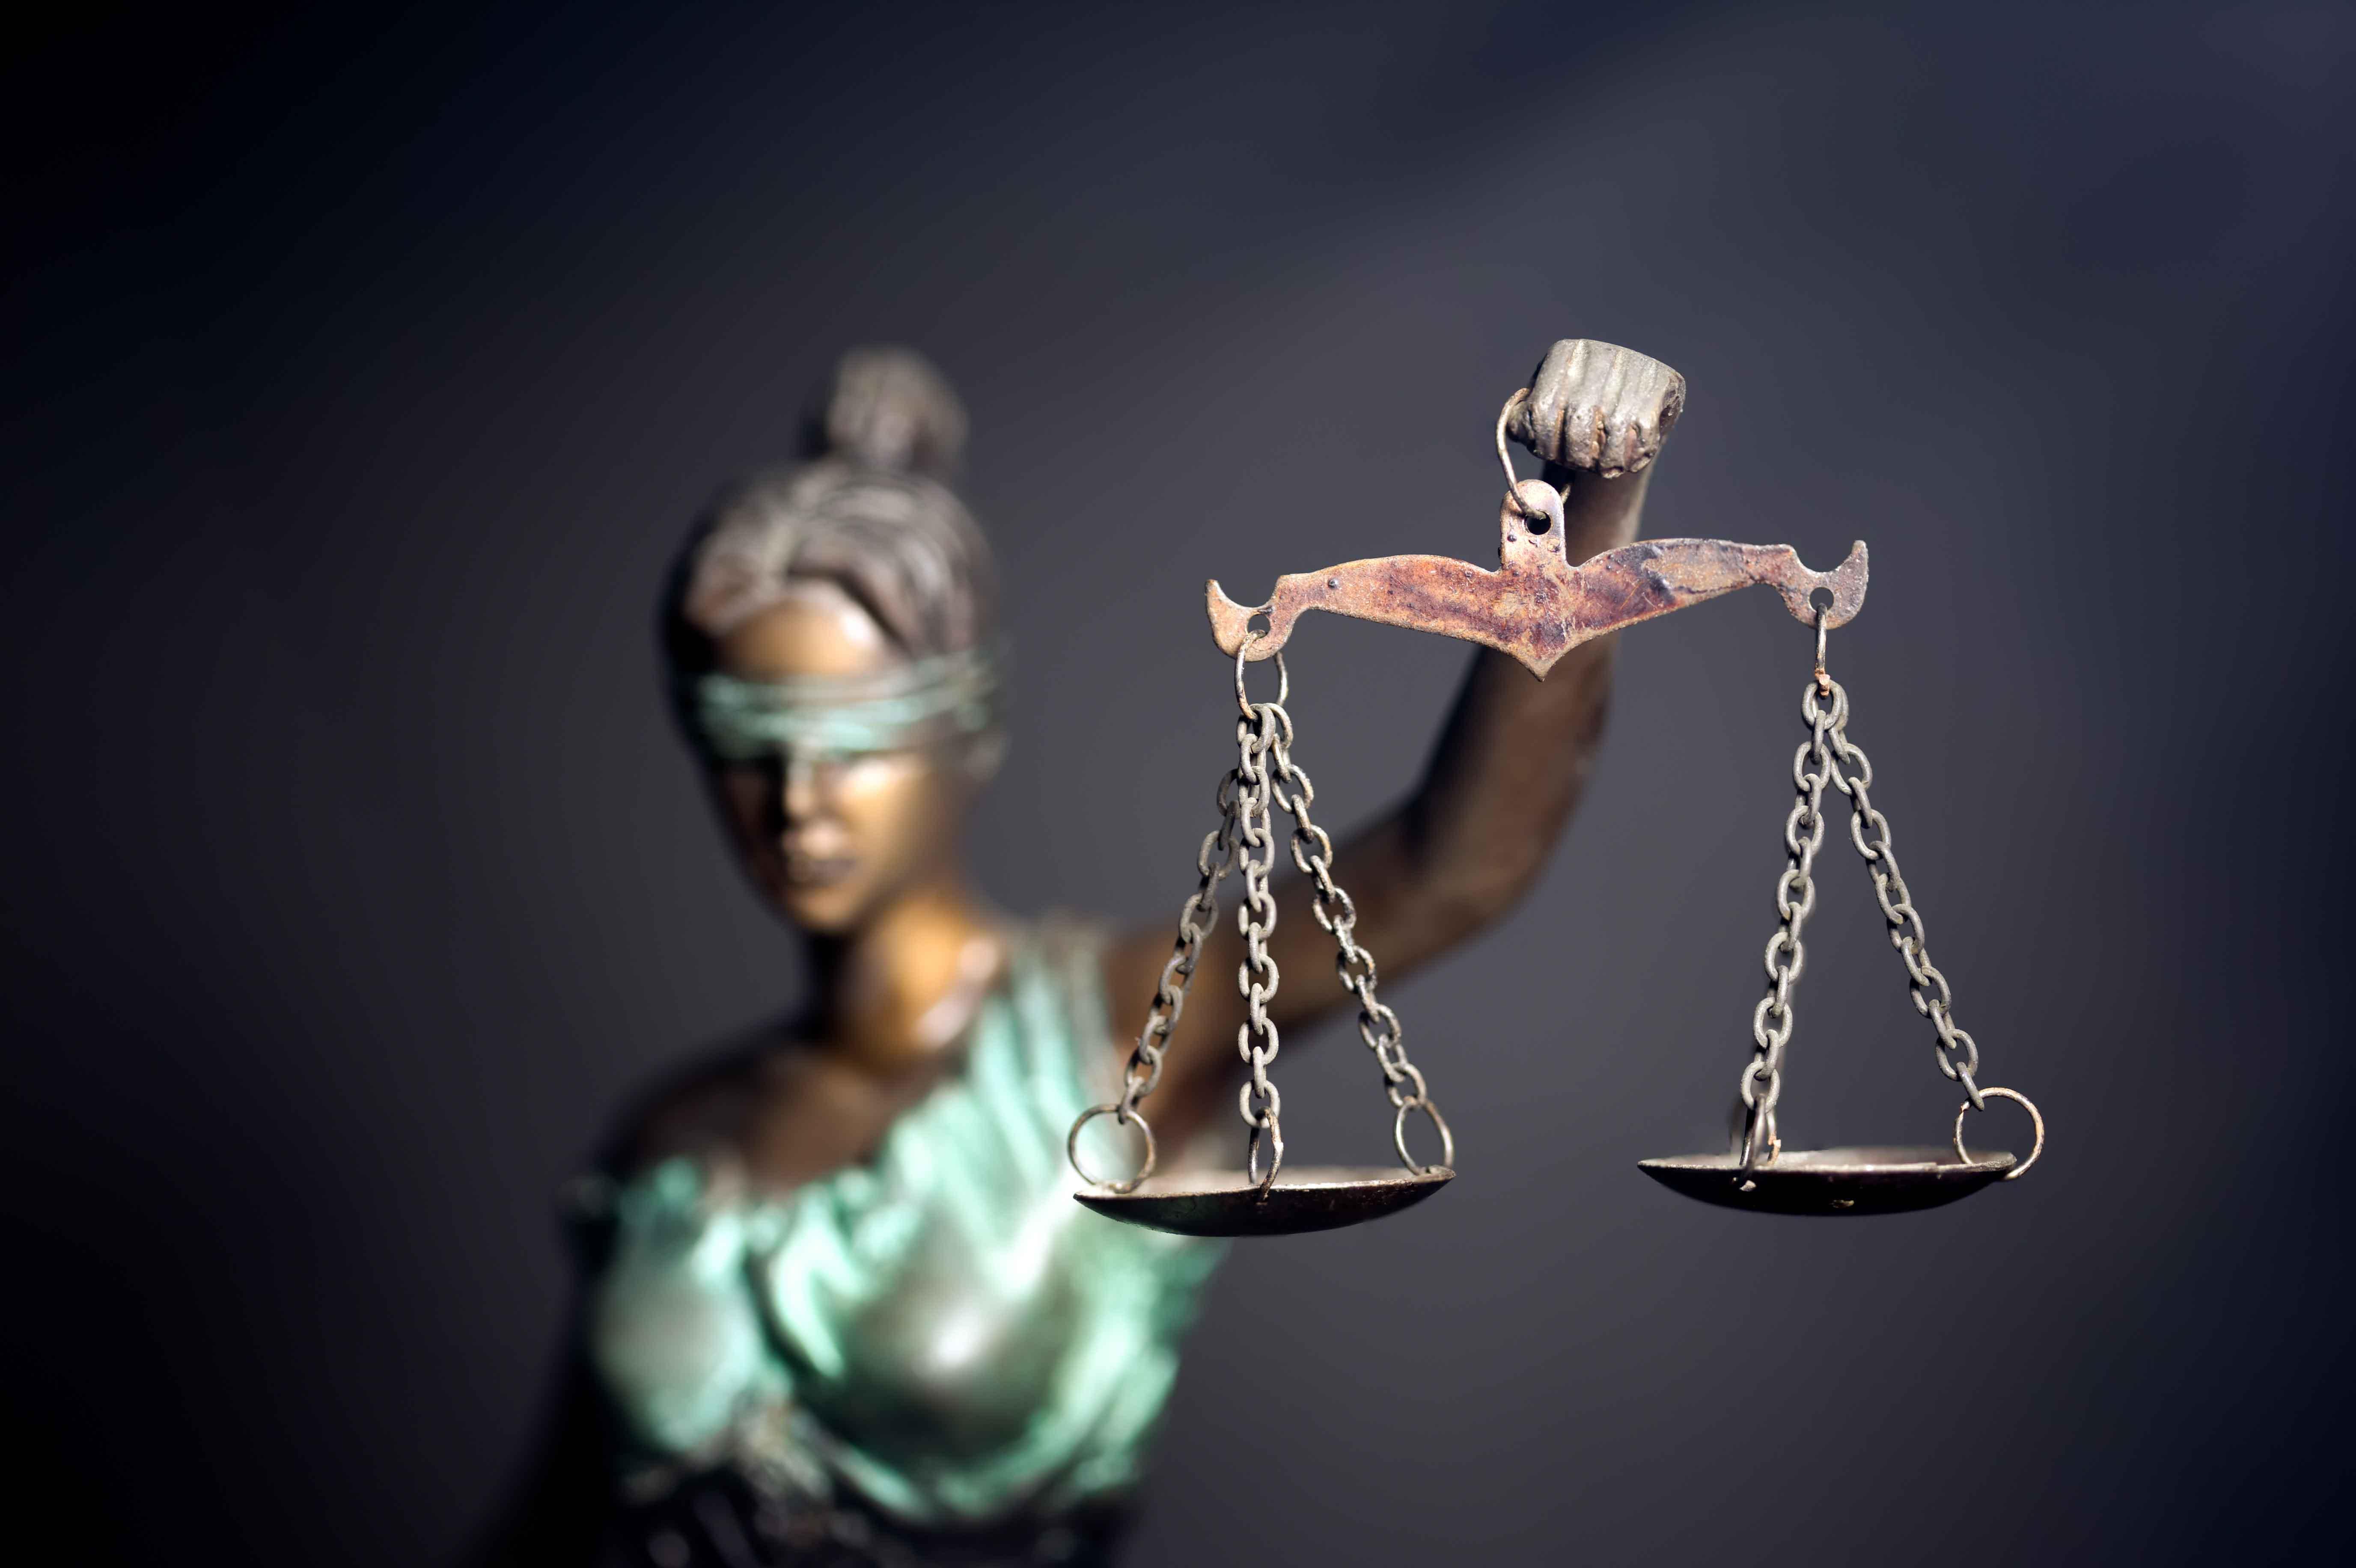 Diosa de la justicia con balanza en la mano